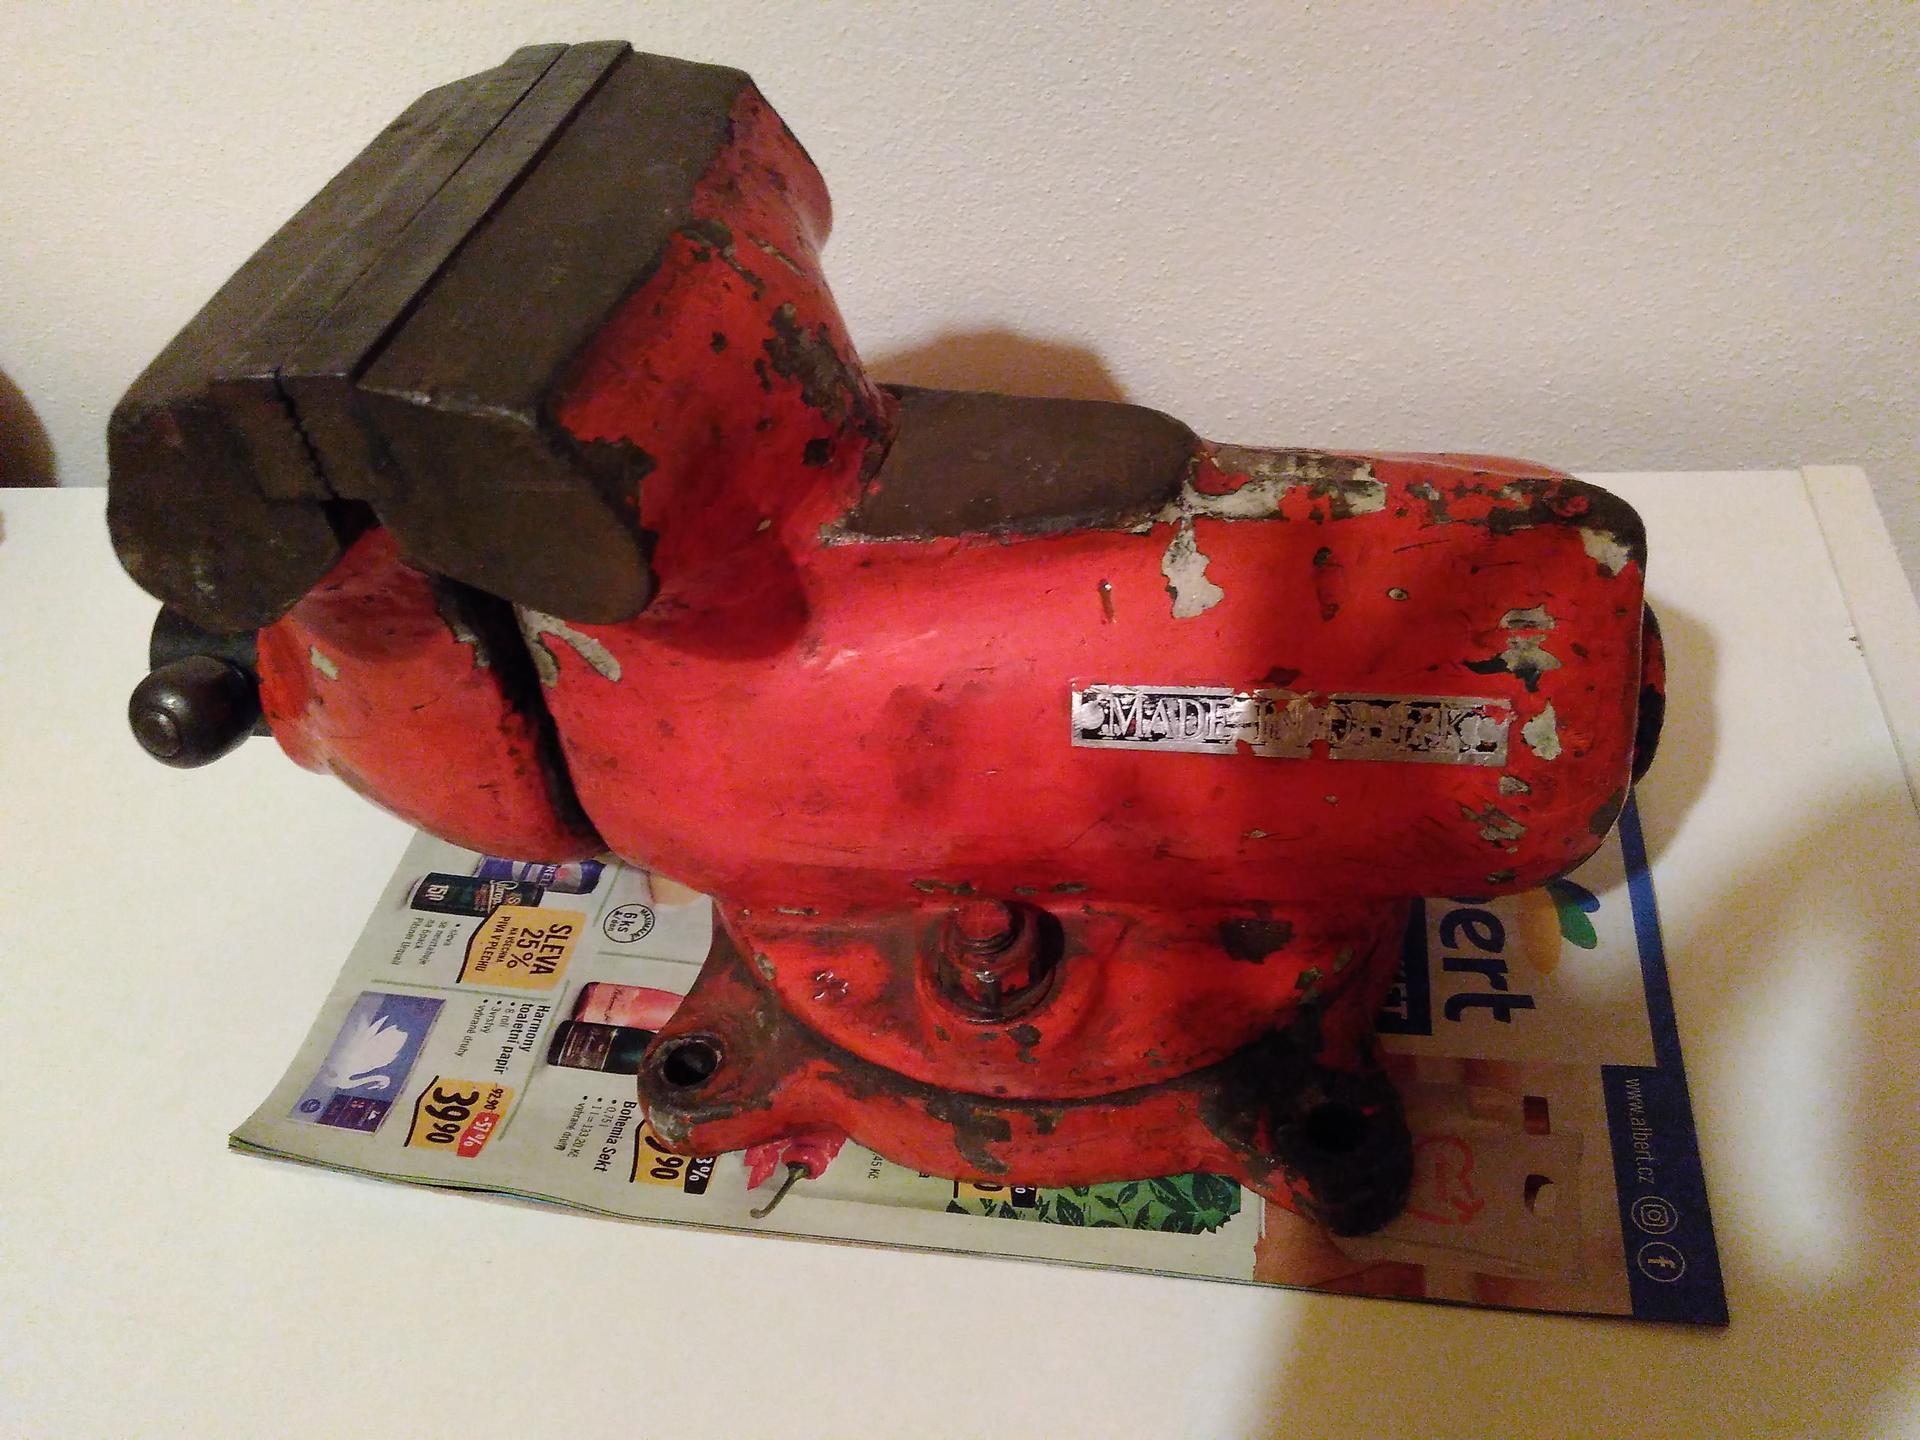 Renovace svěráku Made in D.P.R.K. - Obrázek č. 2